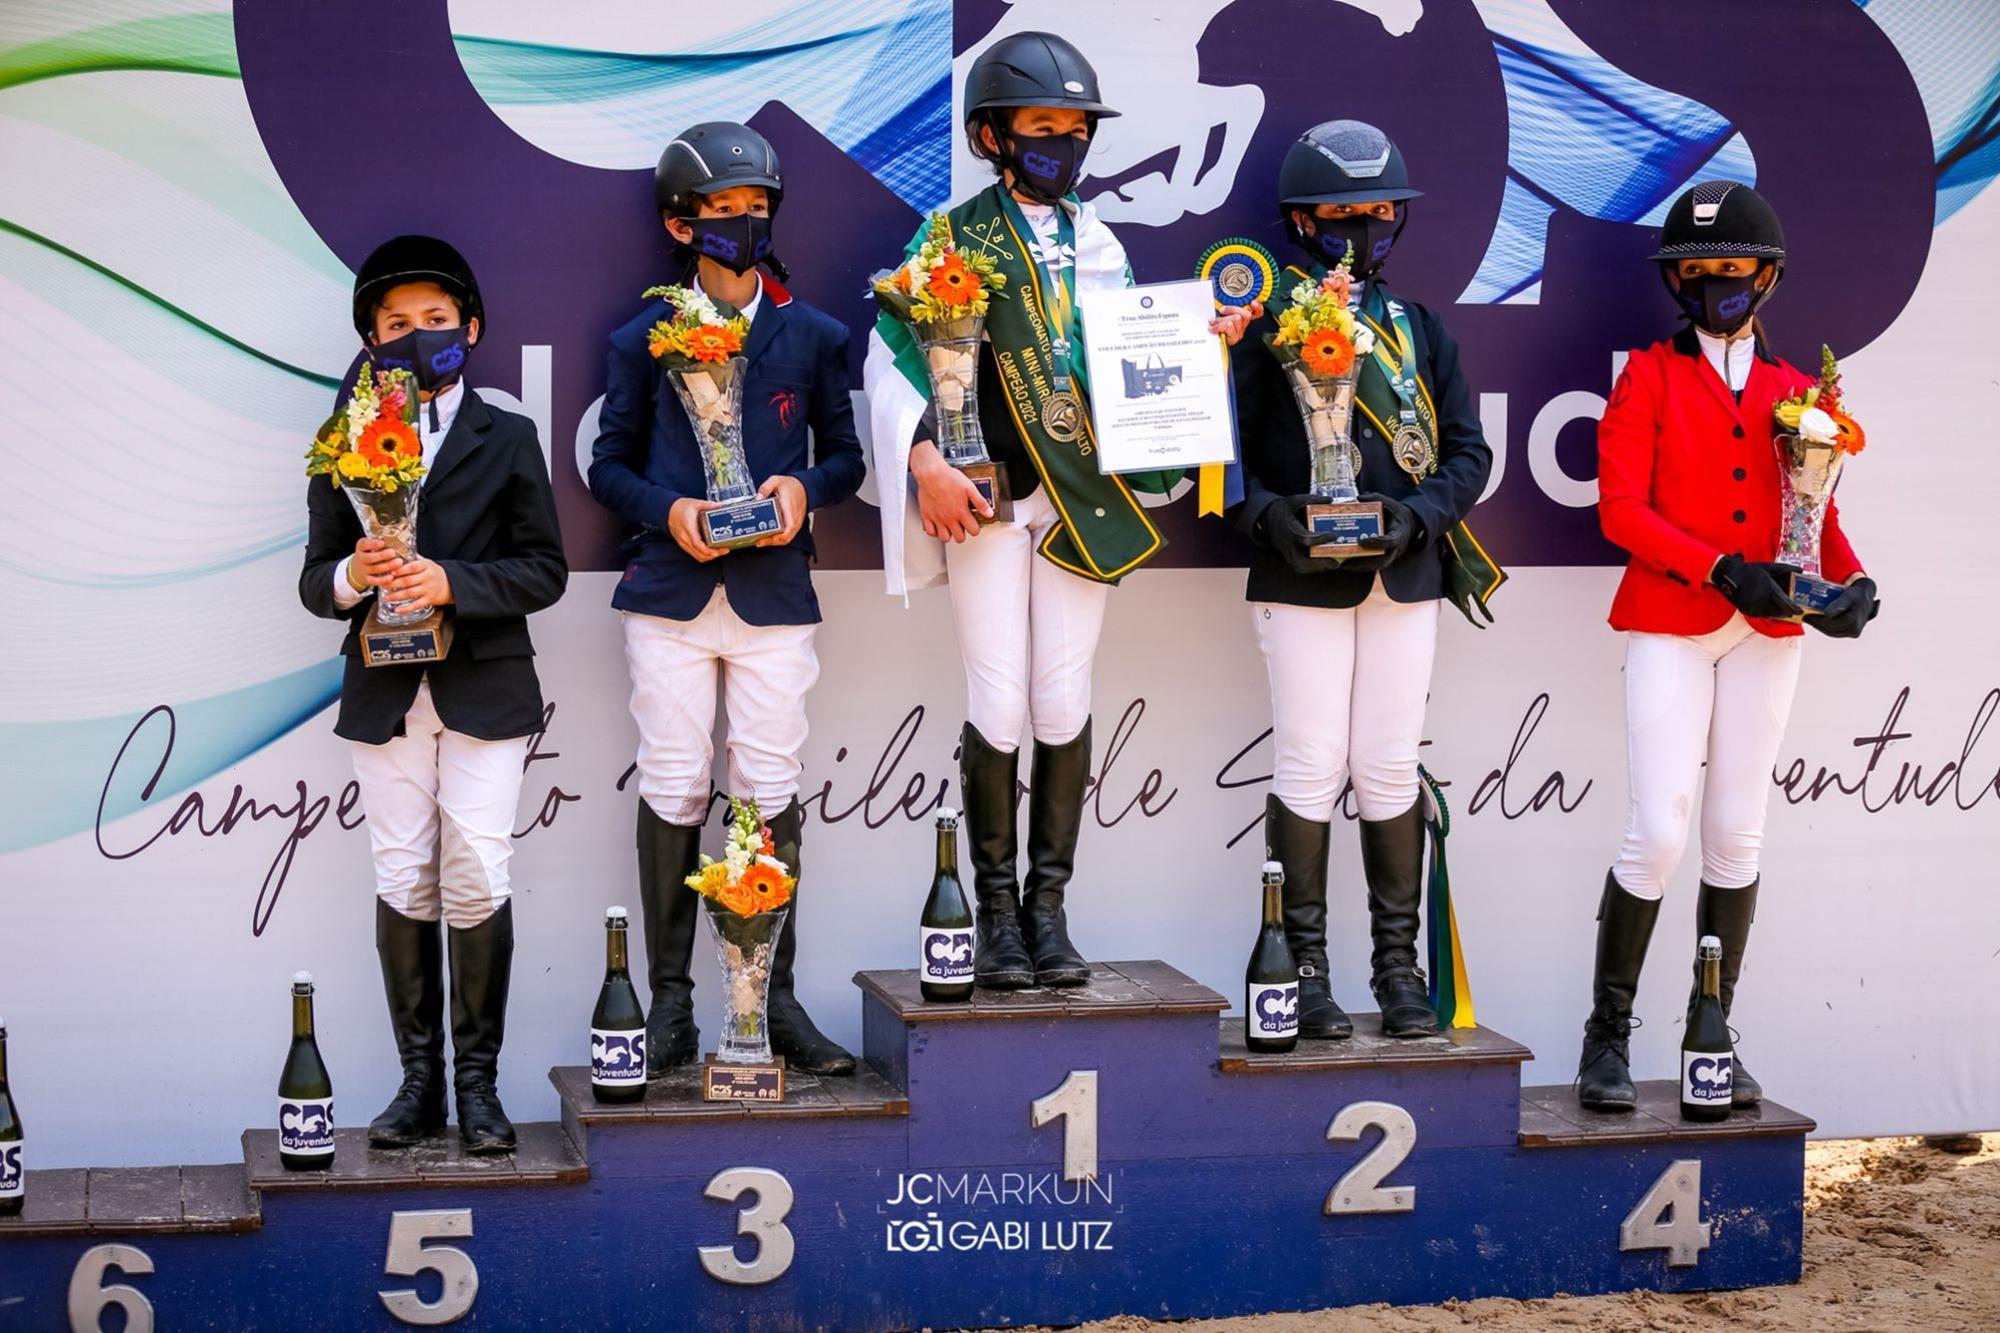 Anna Storrer Müller no pódio com atletas do MiniMirim, Hipismo,  juventude,  cavalo,  salto, JC Markun, Irmãs conquistam o Campeonato Brasileiro da Juventude de Salto